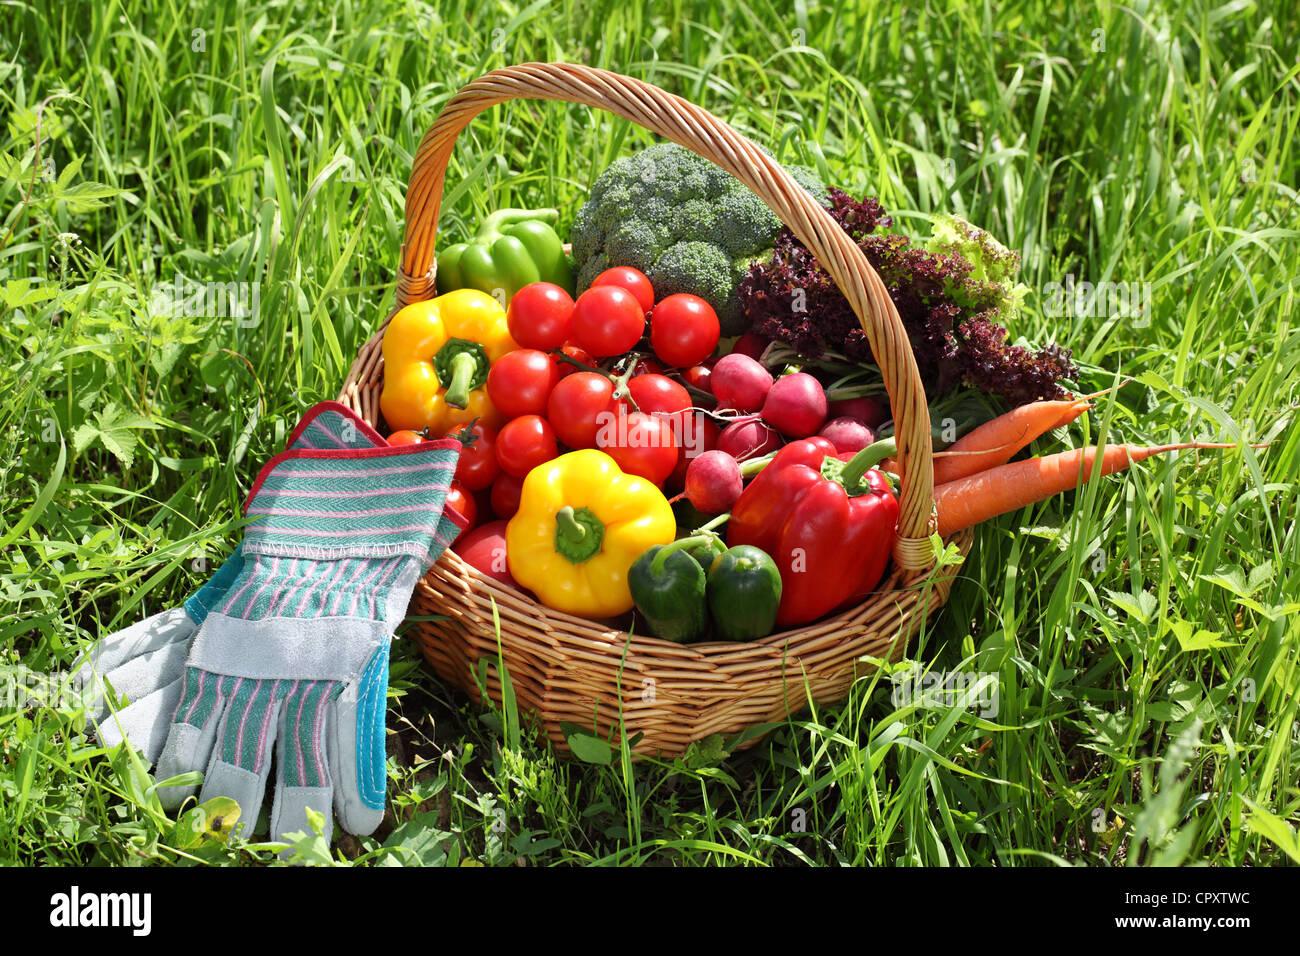 Korb voll mit Bio-Gemüse mit Handschuh auf dem grünen Rasen. Stockbild